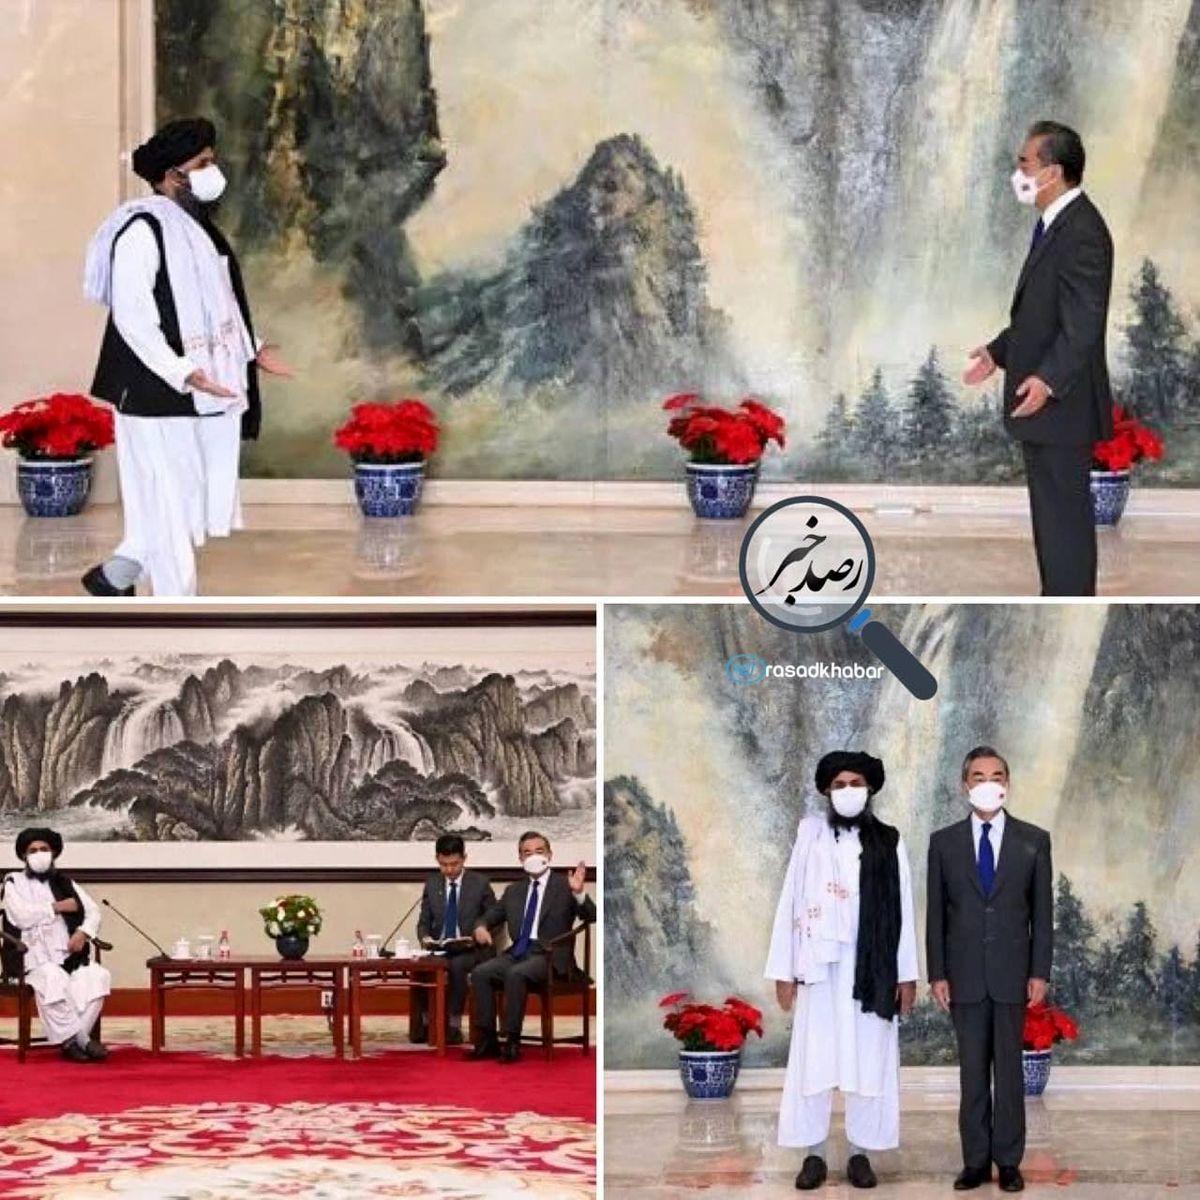 تصاویرى از دیدار وانگ یى و ملا برادر در پکن